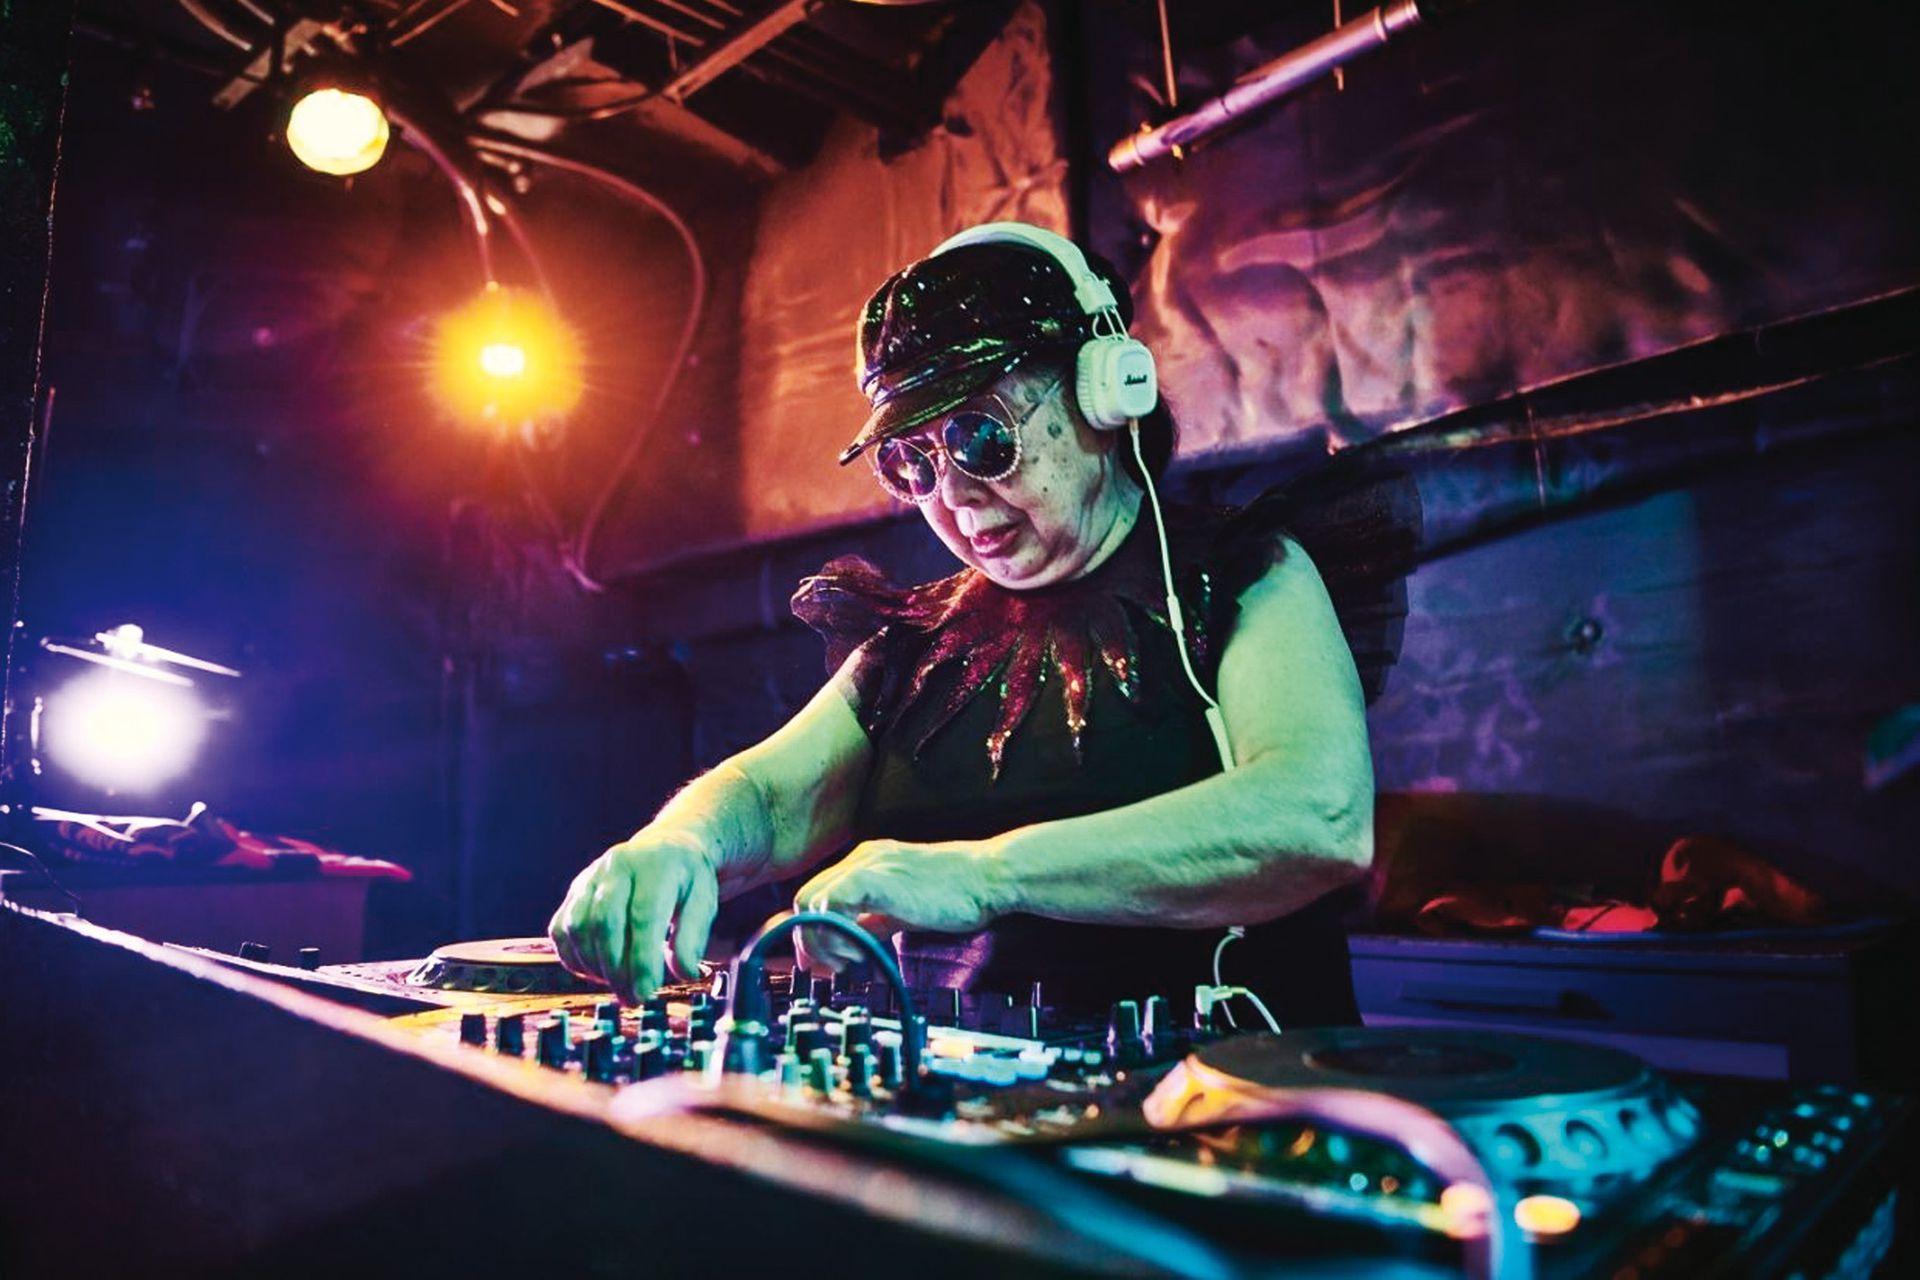 Sumiko Iwamura (DJ, 83 años) es un caso emblemático; empezó a formarse a los 77